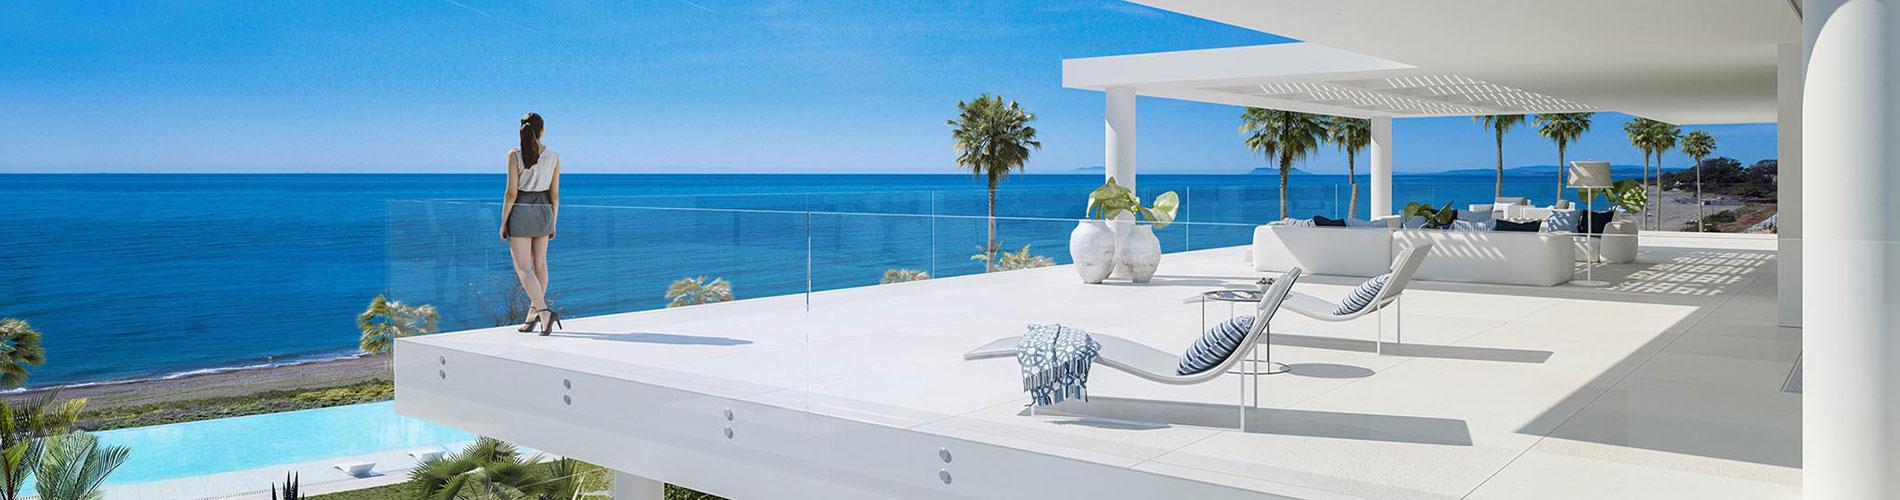 immomarbel real estate Marbella